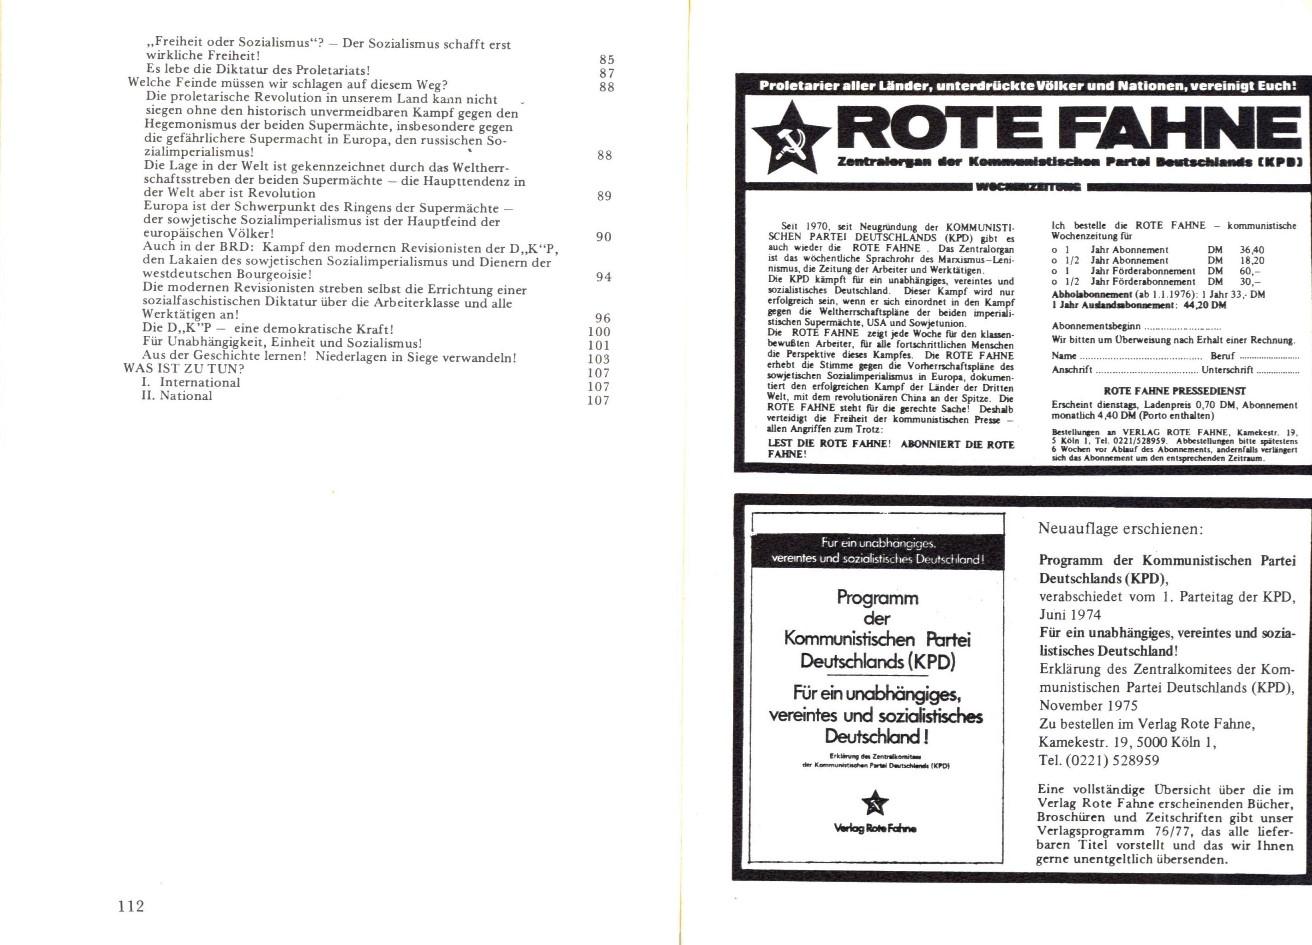 KPDAO_1976_Agitationsbroschuere_zur_BTW_58